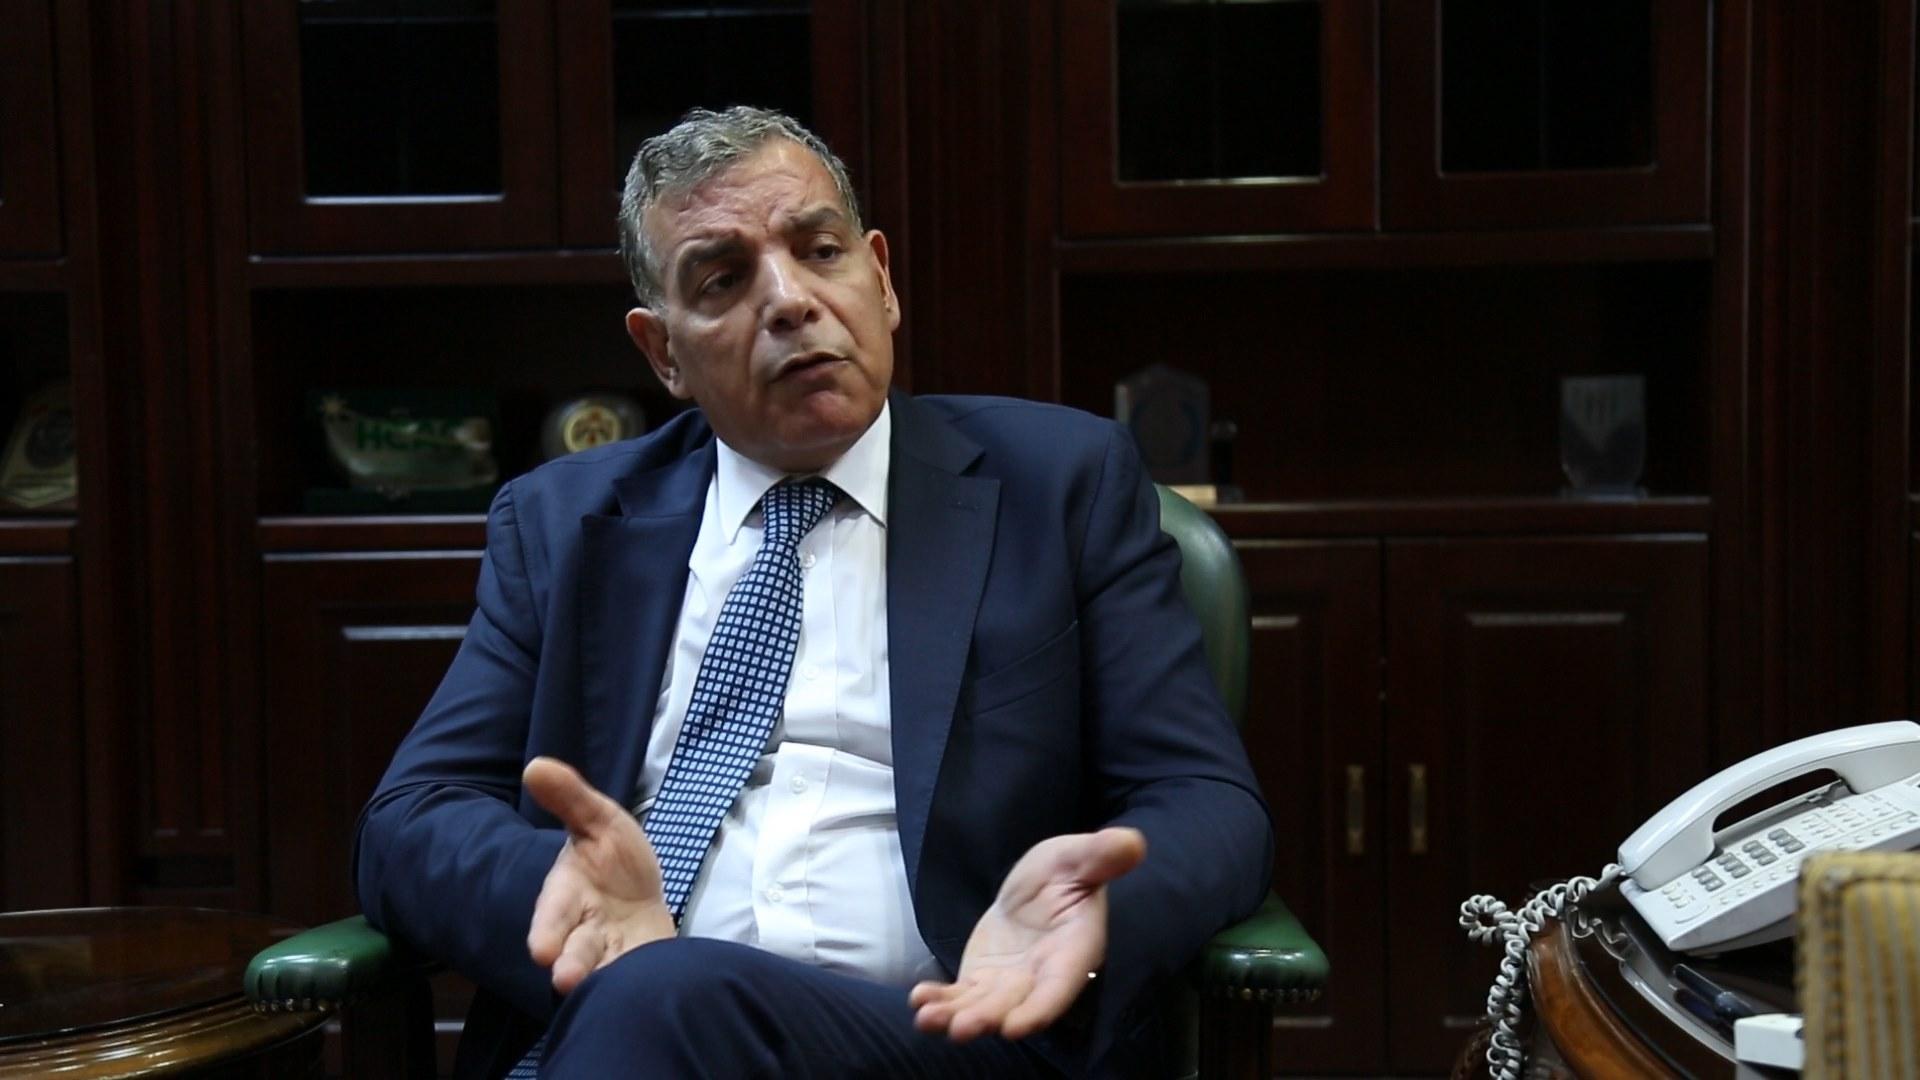 وزير الصحة الأردني: جاهزون لفحص الحالات المشتبه بإصابتها بكورونا